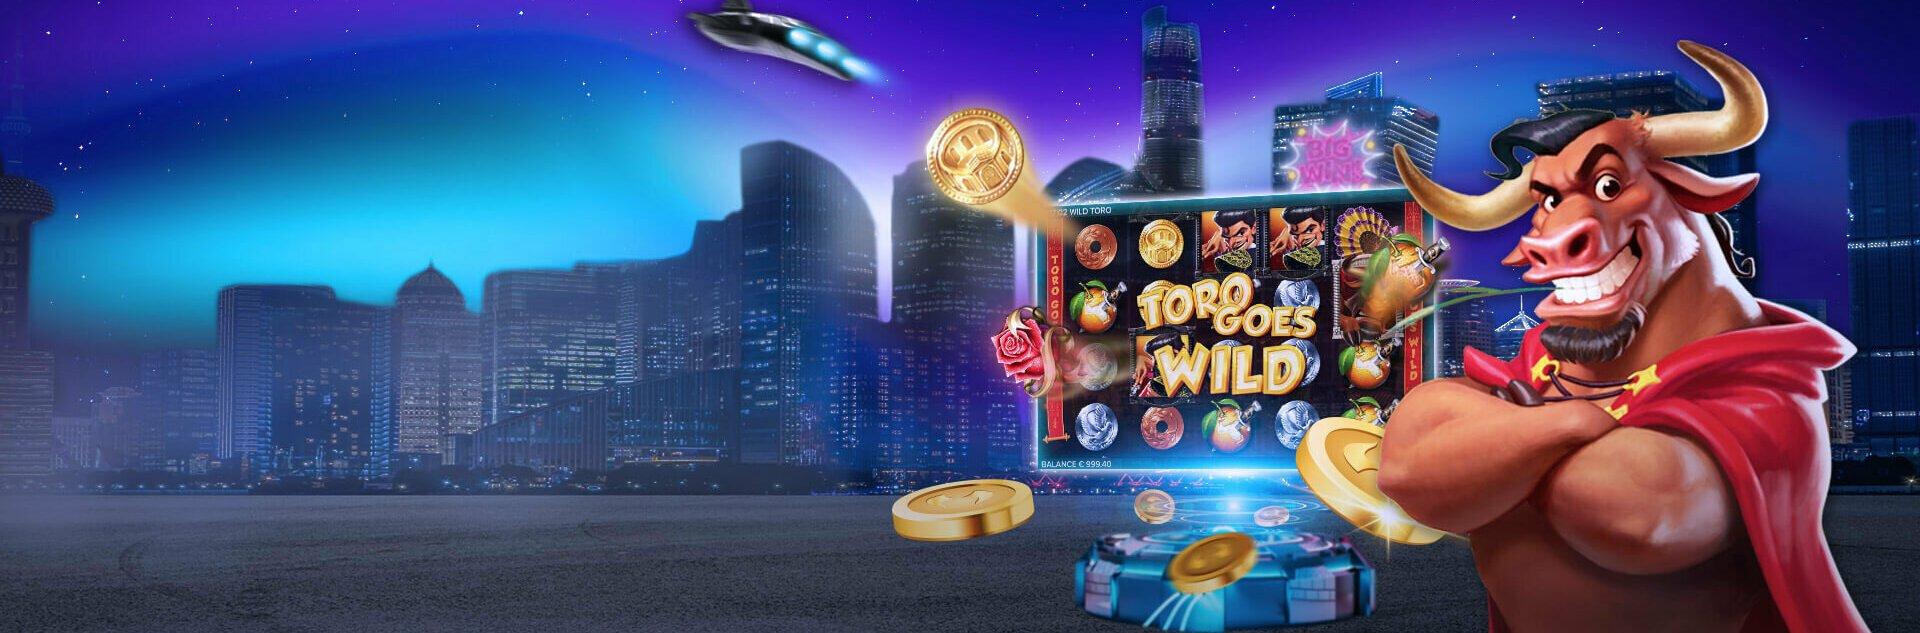 PlayToro casino review UK